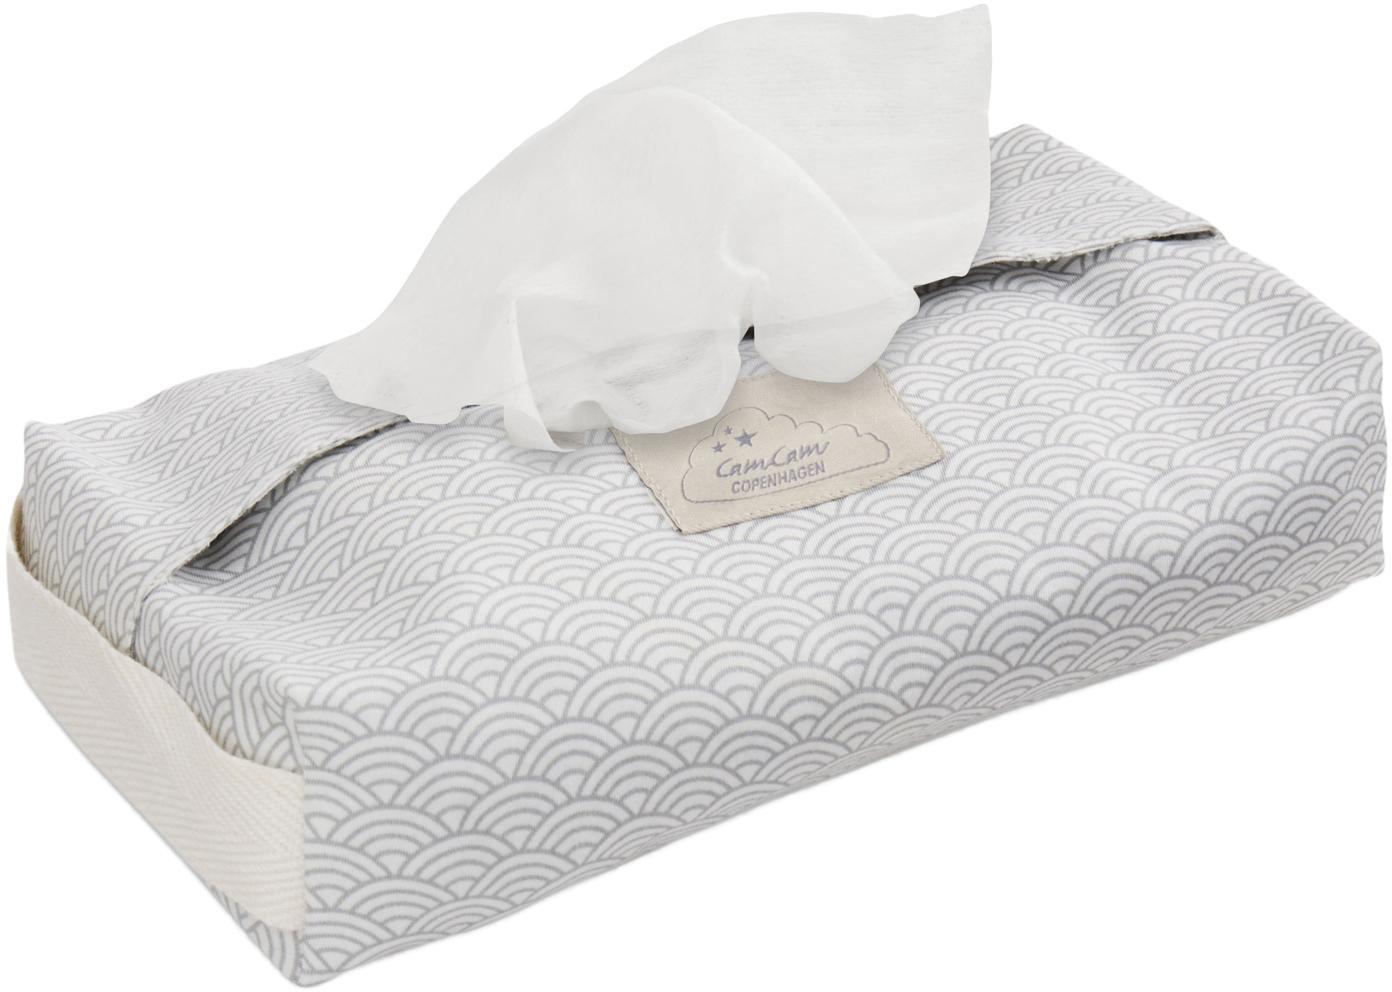 Feuchttücherbezug Wave aus Bio-Baumwolle, Bio-Baumwolle, GOTS-zertifiziert, Grau, Weiß, B 25 x T 17 cm